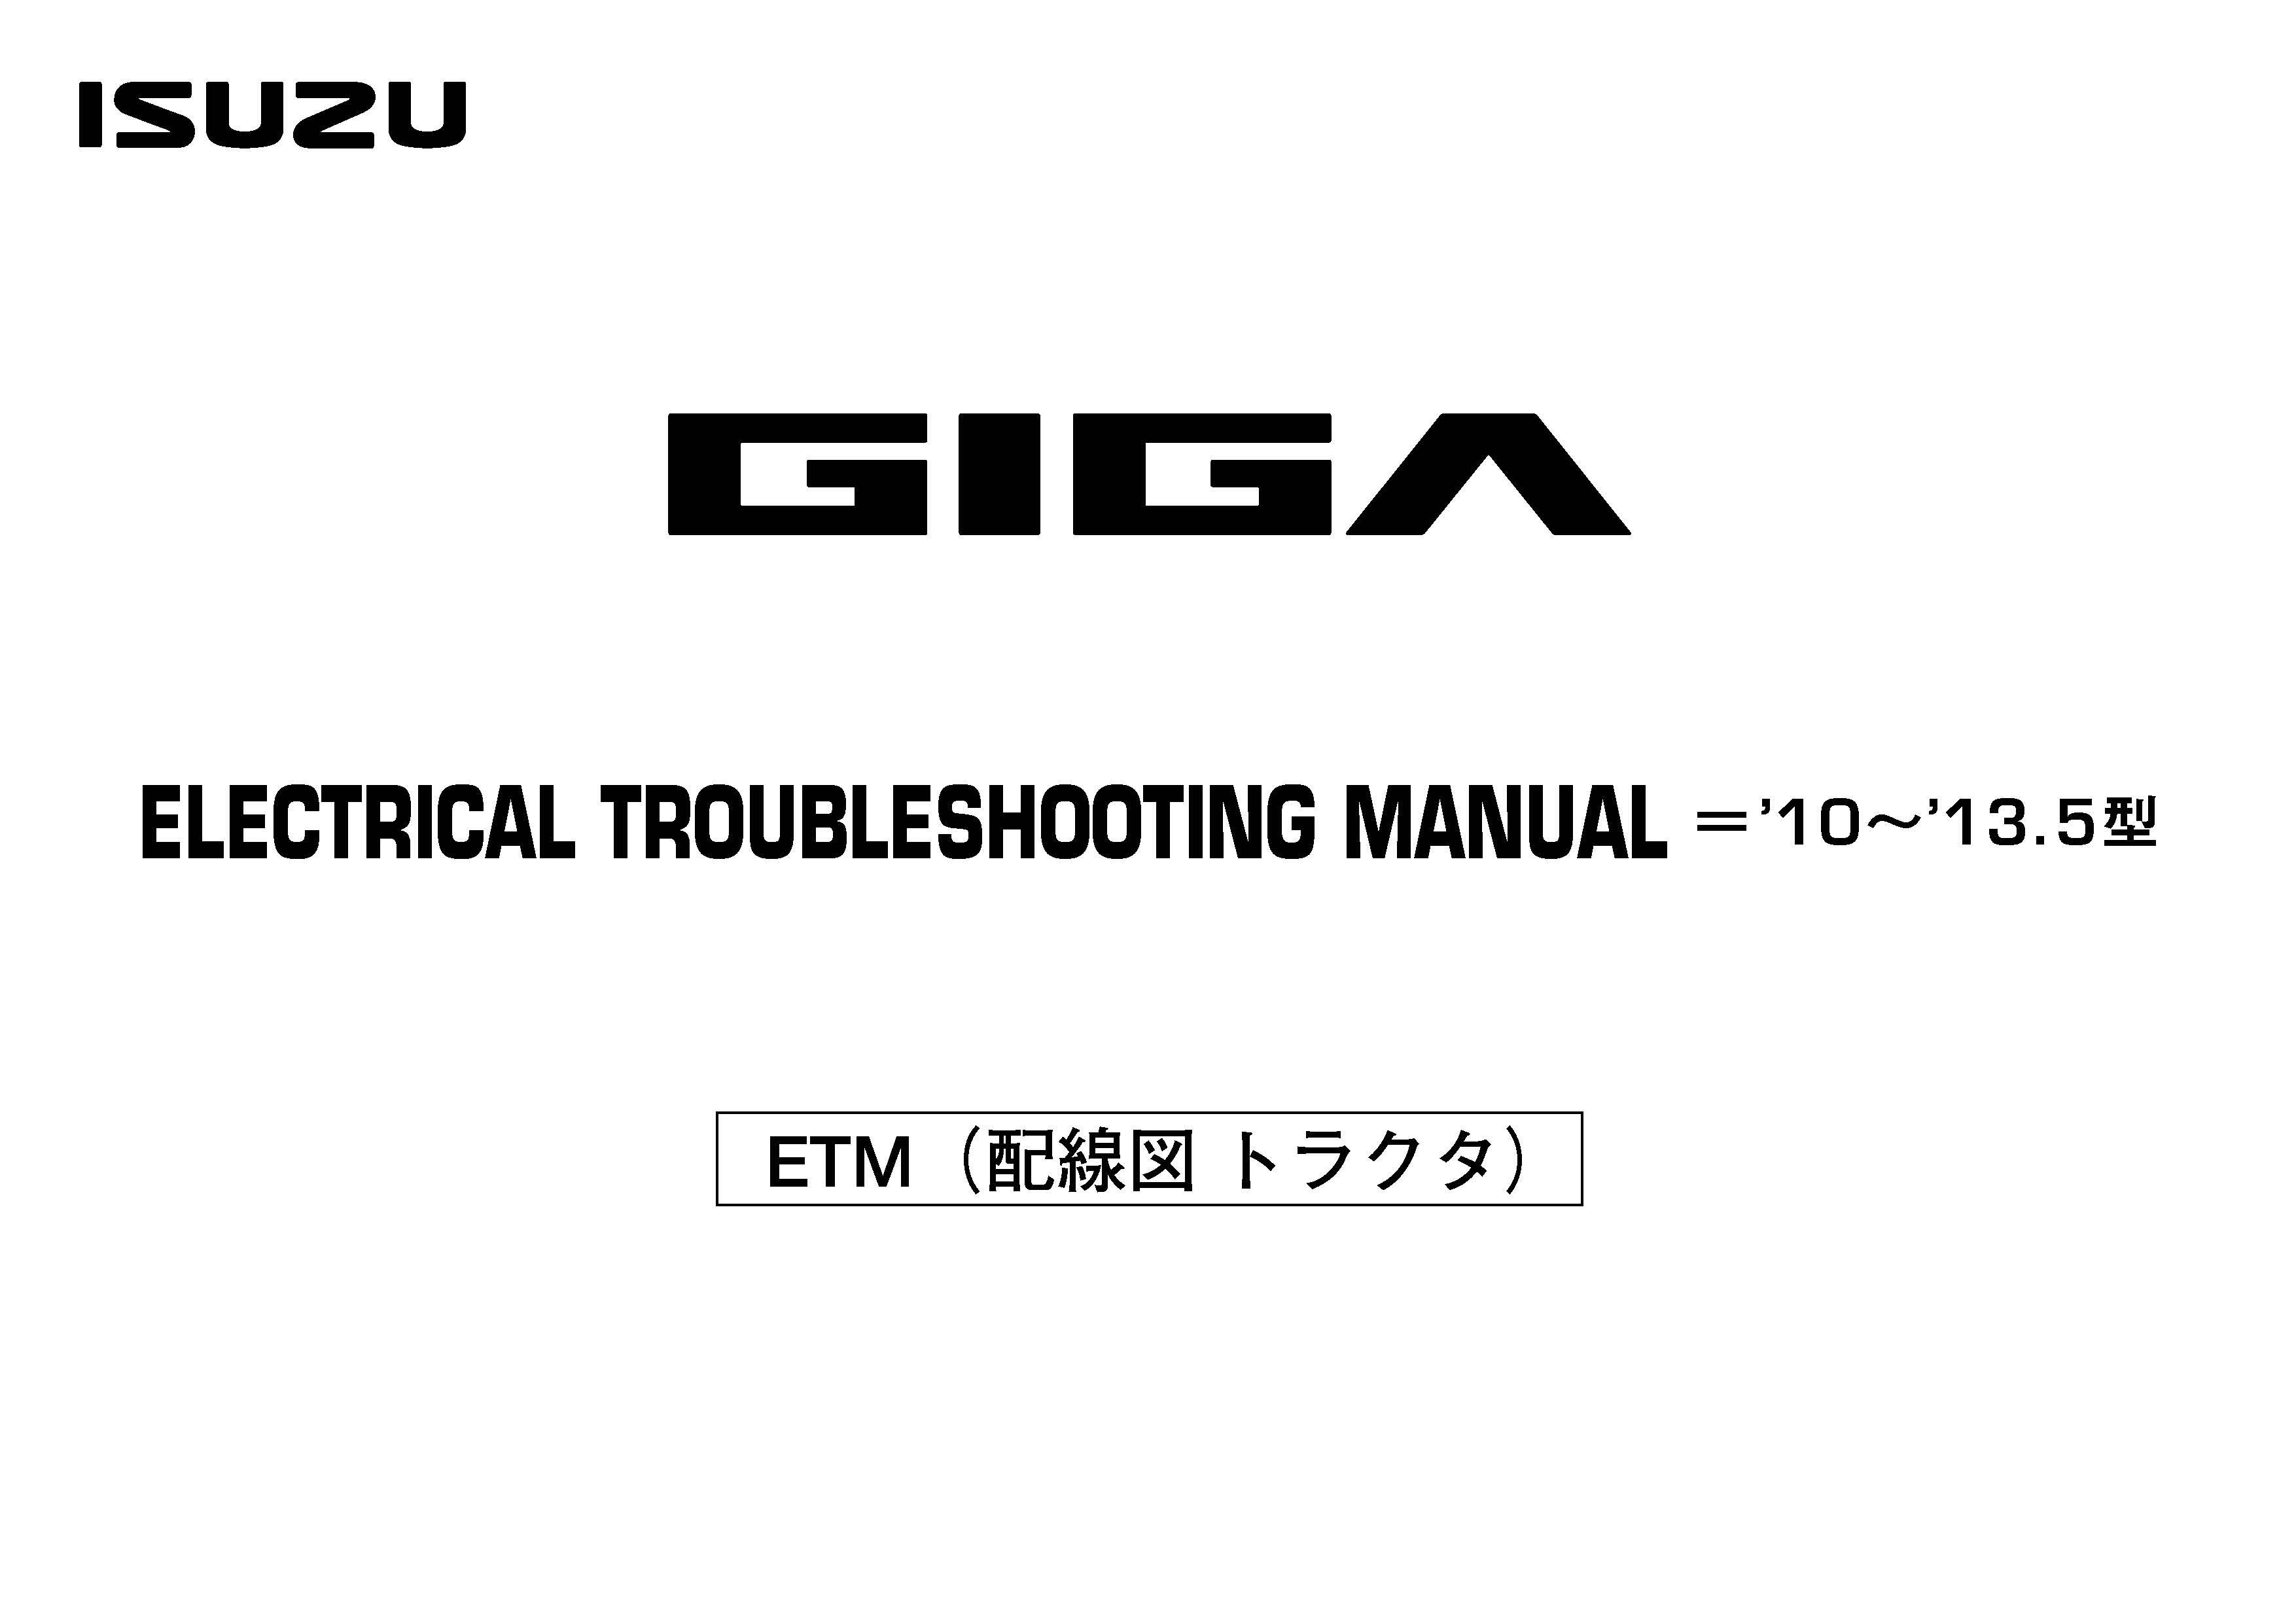 หนังสือวงจรไฟฟ้าเครื่องยนต์ รถบรรทุกญี่ปุ่น ISUZU GIGA ตระกูล C และ E (2010~2013.5)